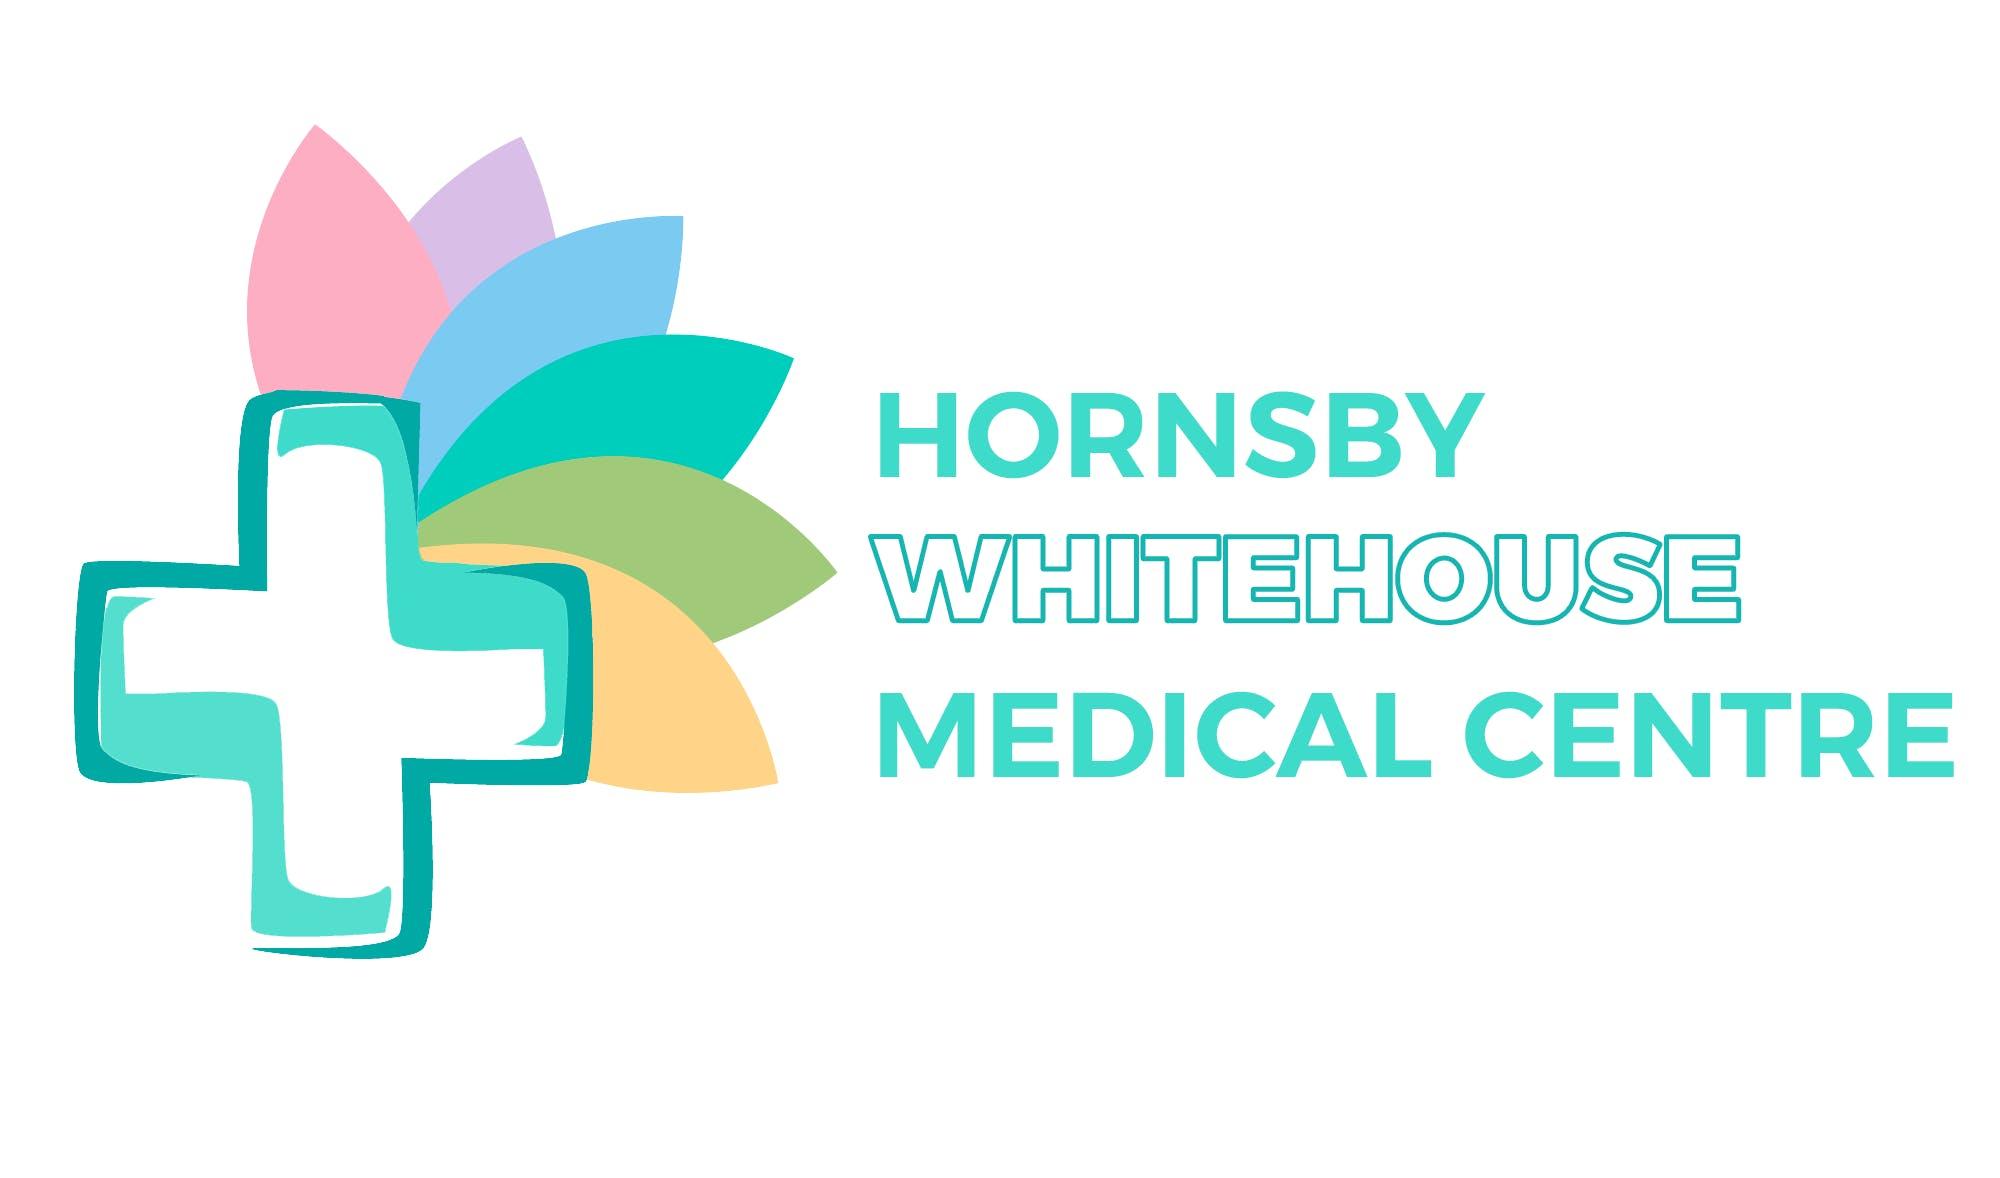 Hornsby Whitehouse Medical Centre Logo